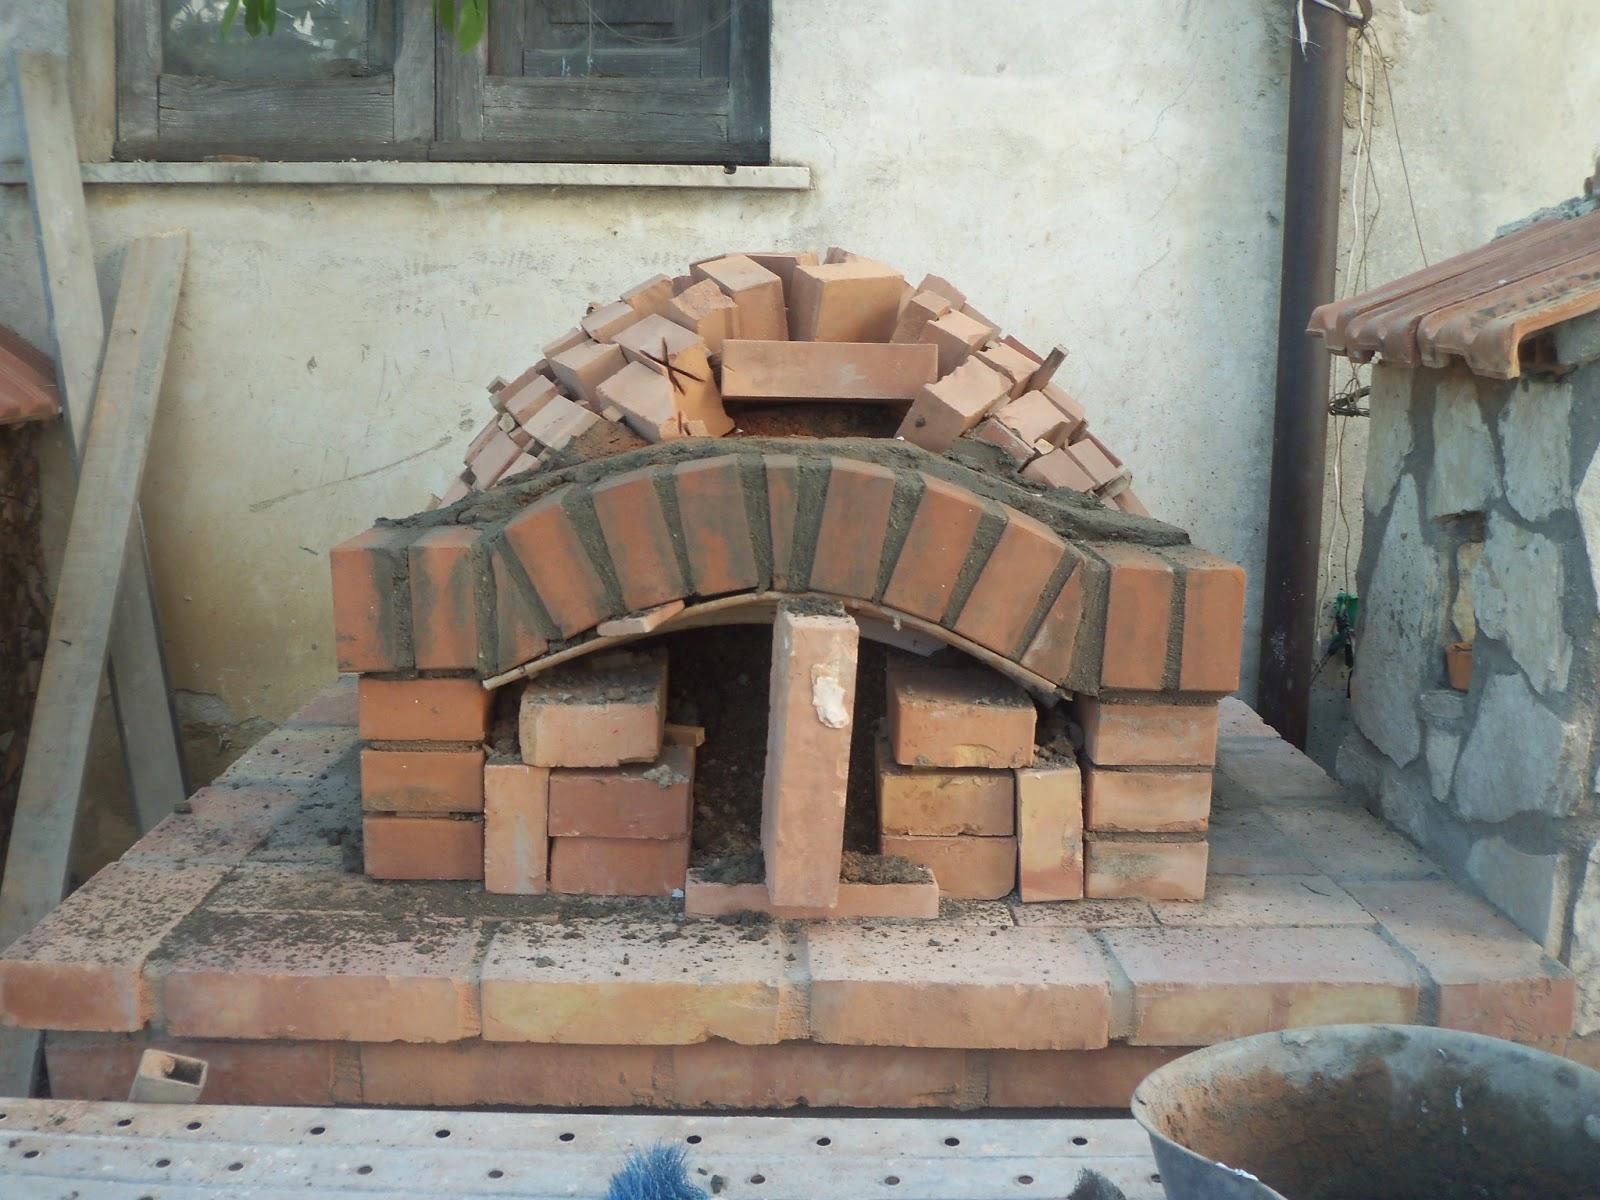 La cucina dello stregone costruzione fai da te per un for Forno a legna fai da te economico